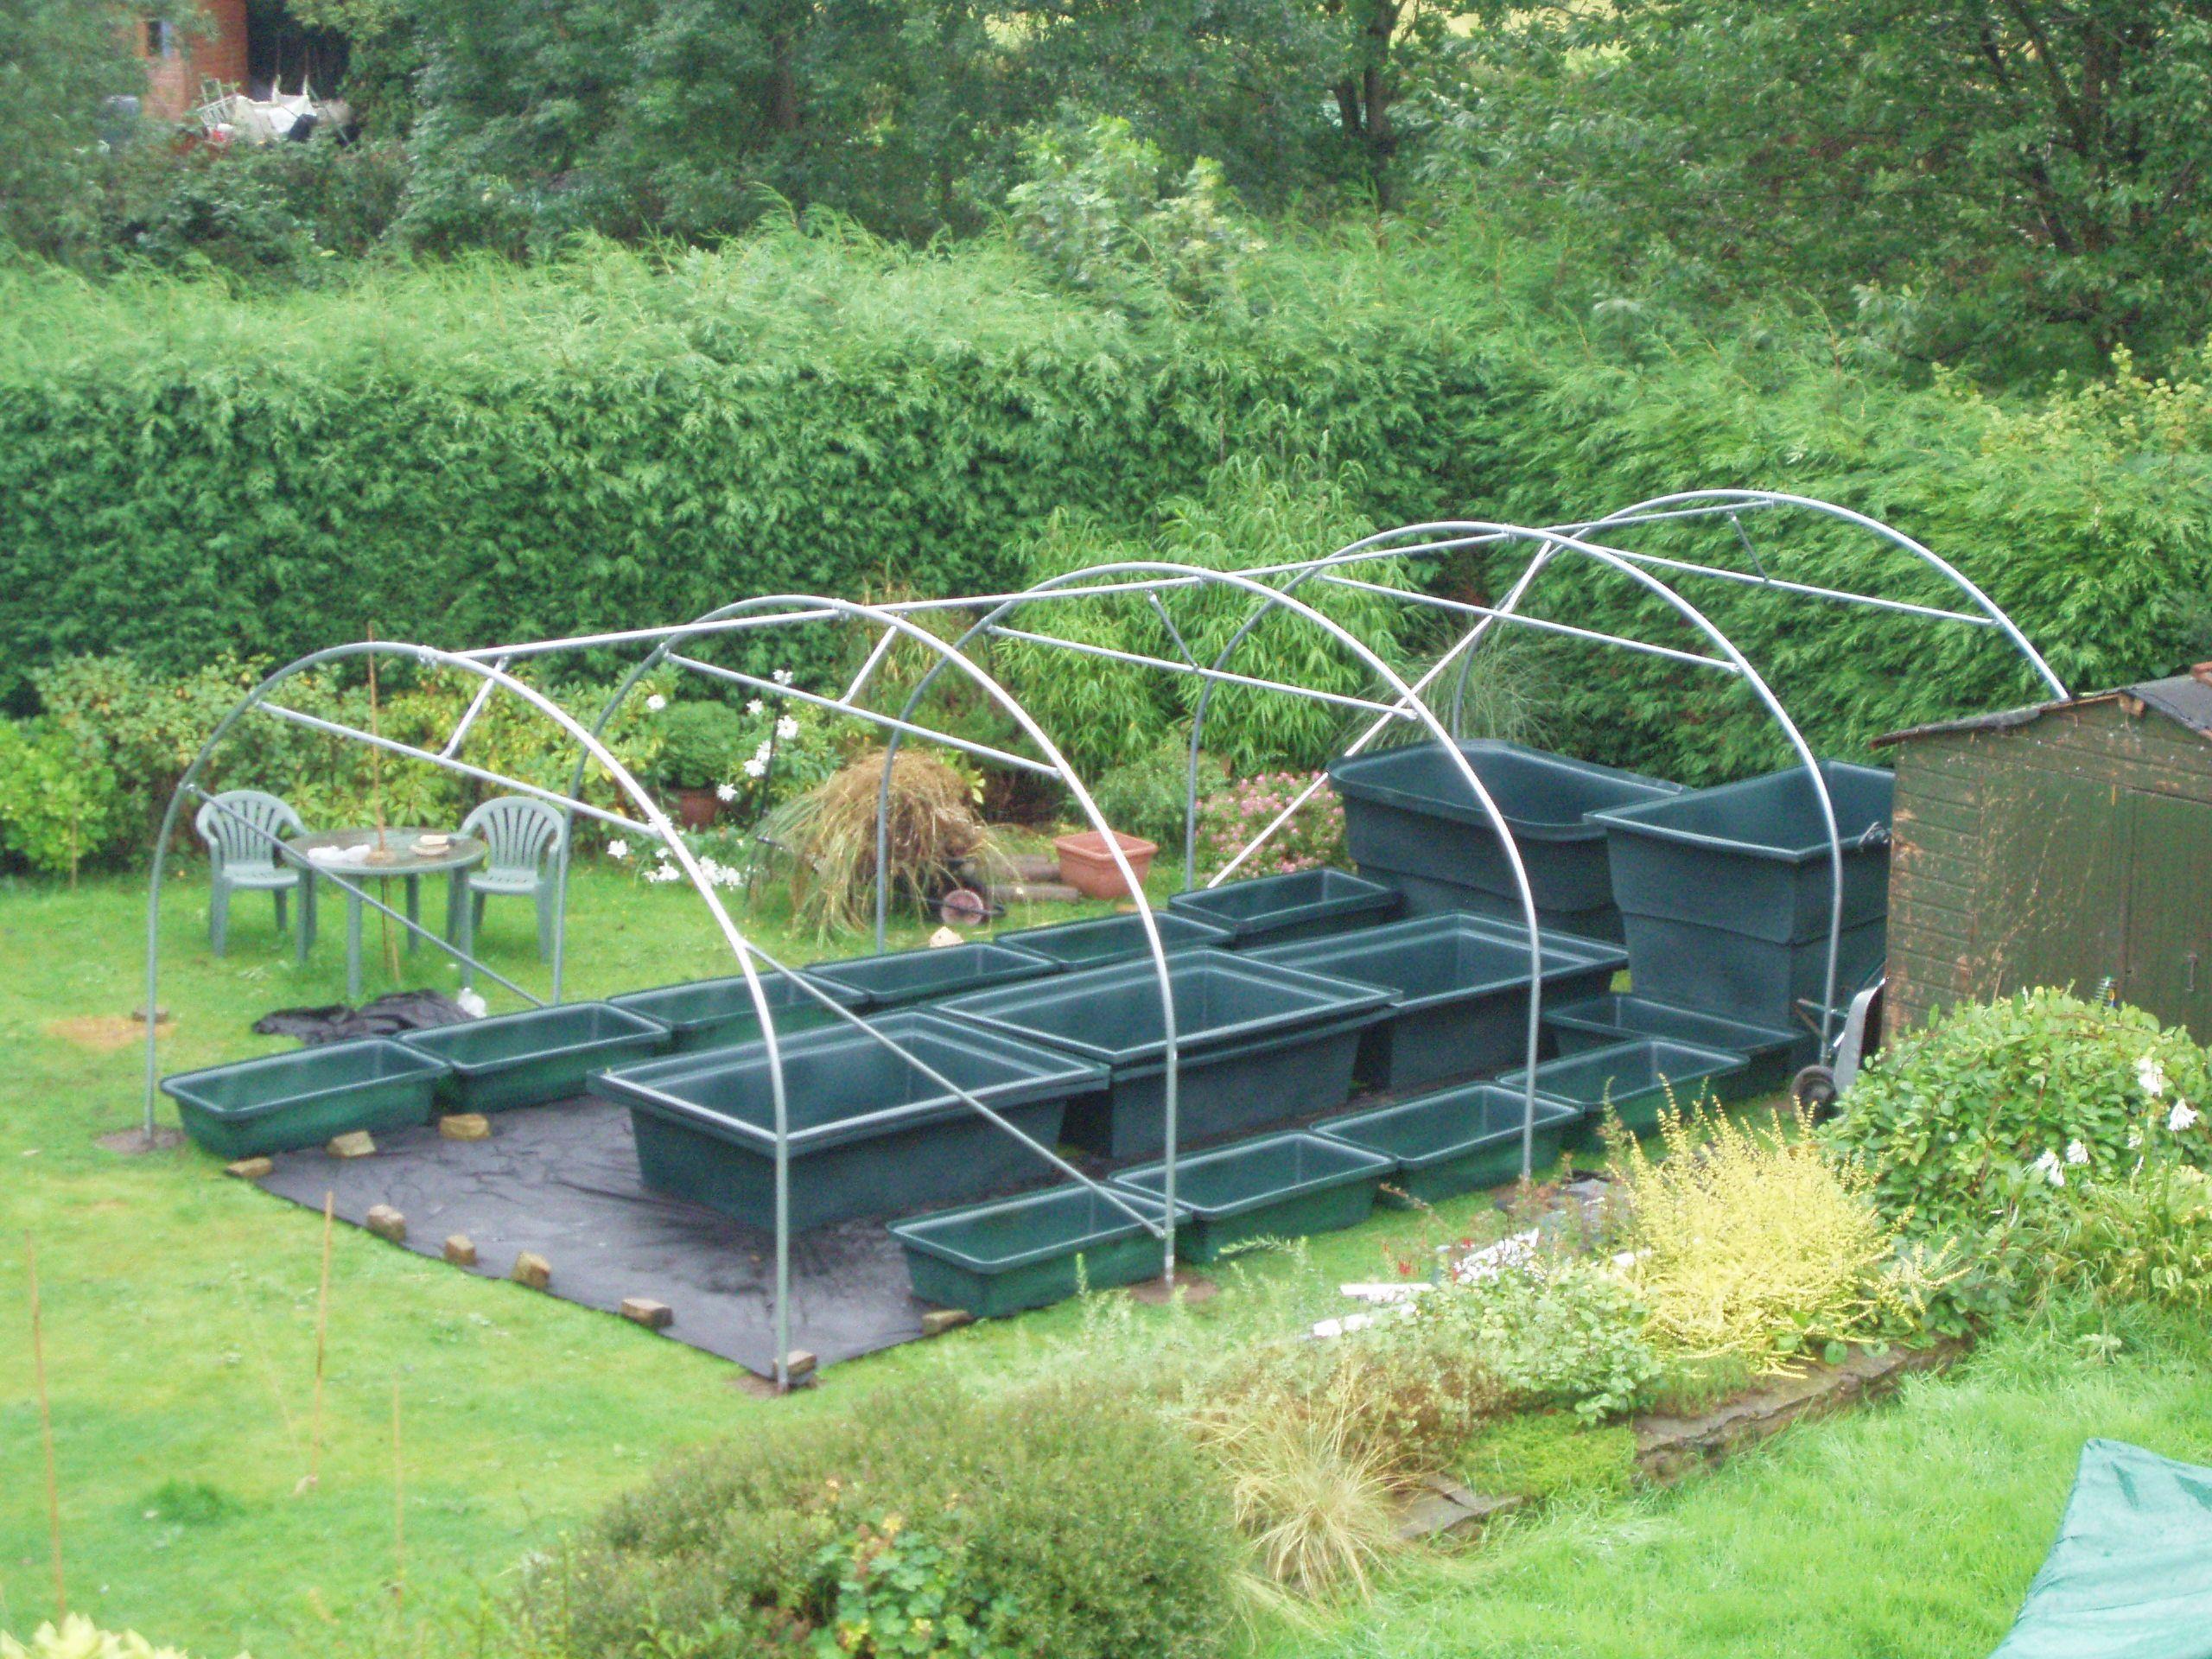 aquaponics system with fish aquaponics systems aquaponics